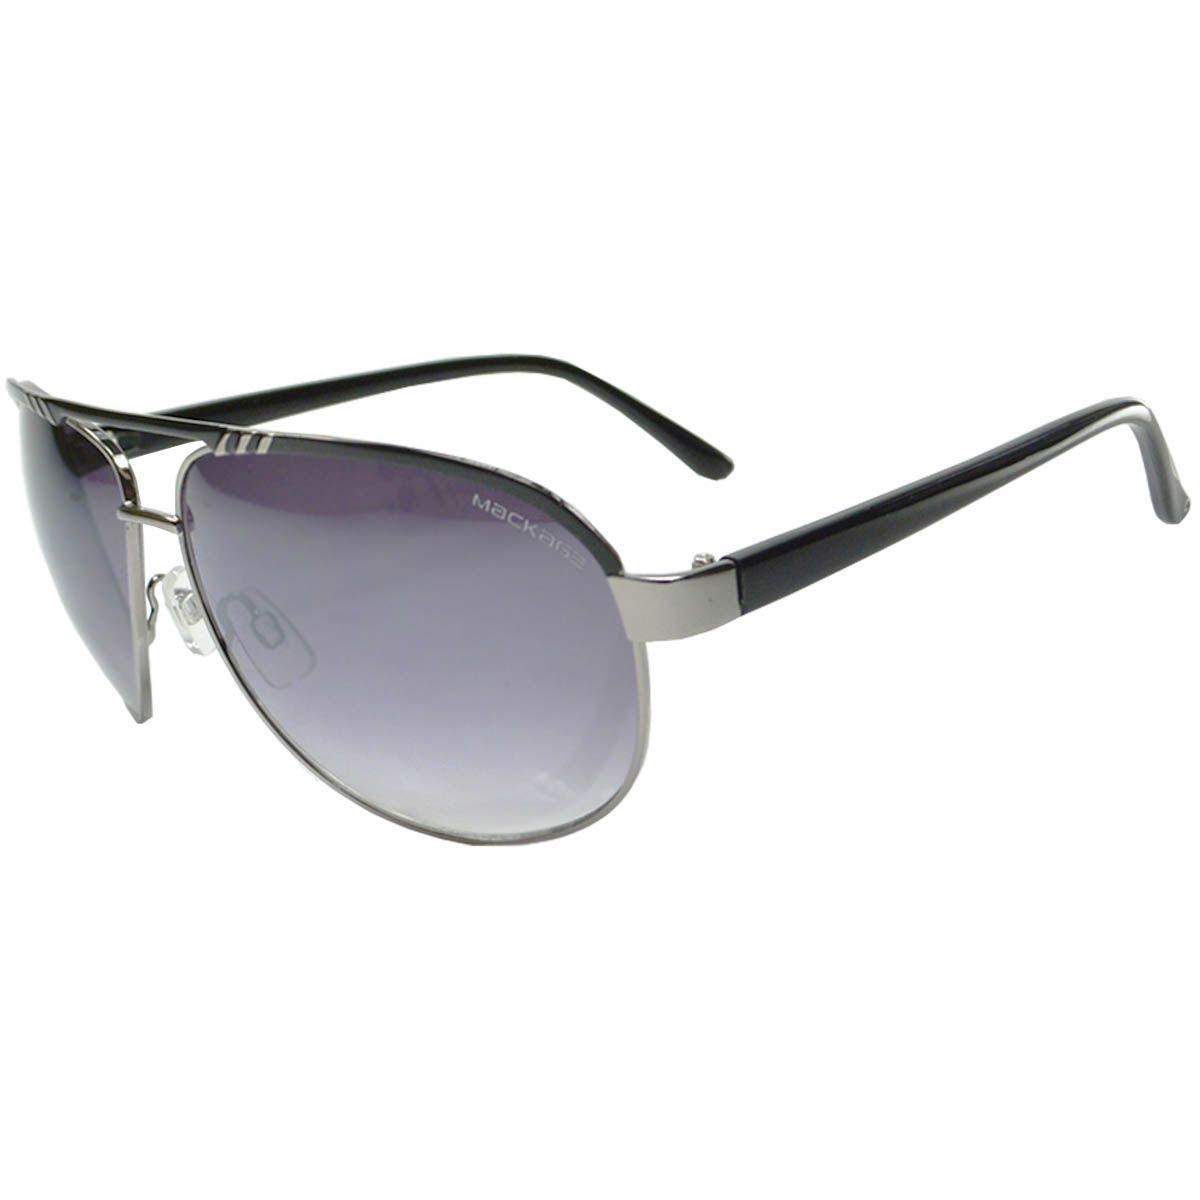 6346f81663388 Óculos de sol MACKAGE BRASIL